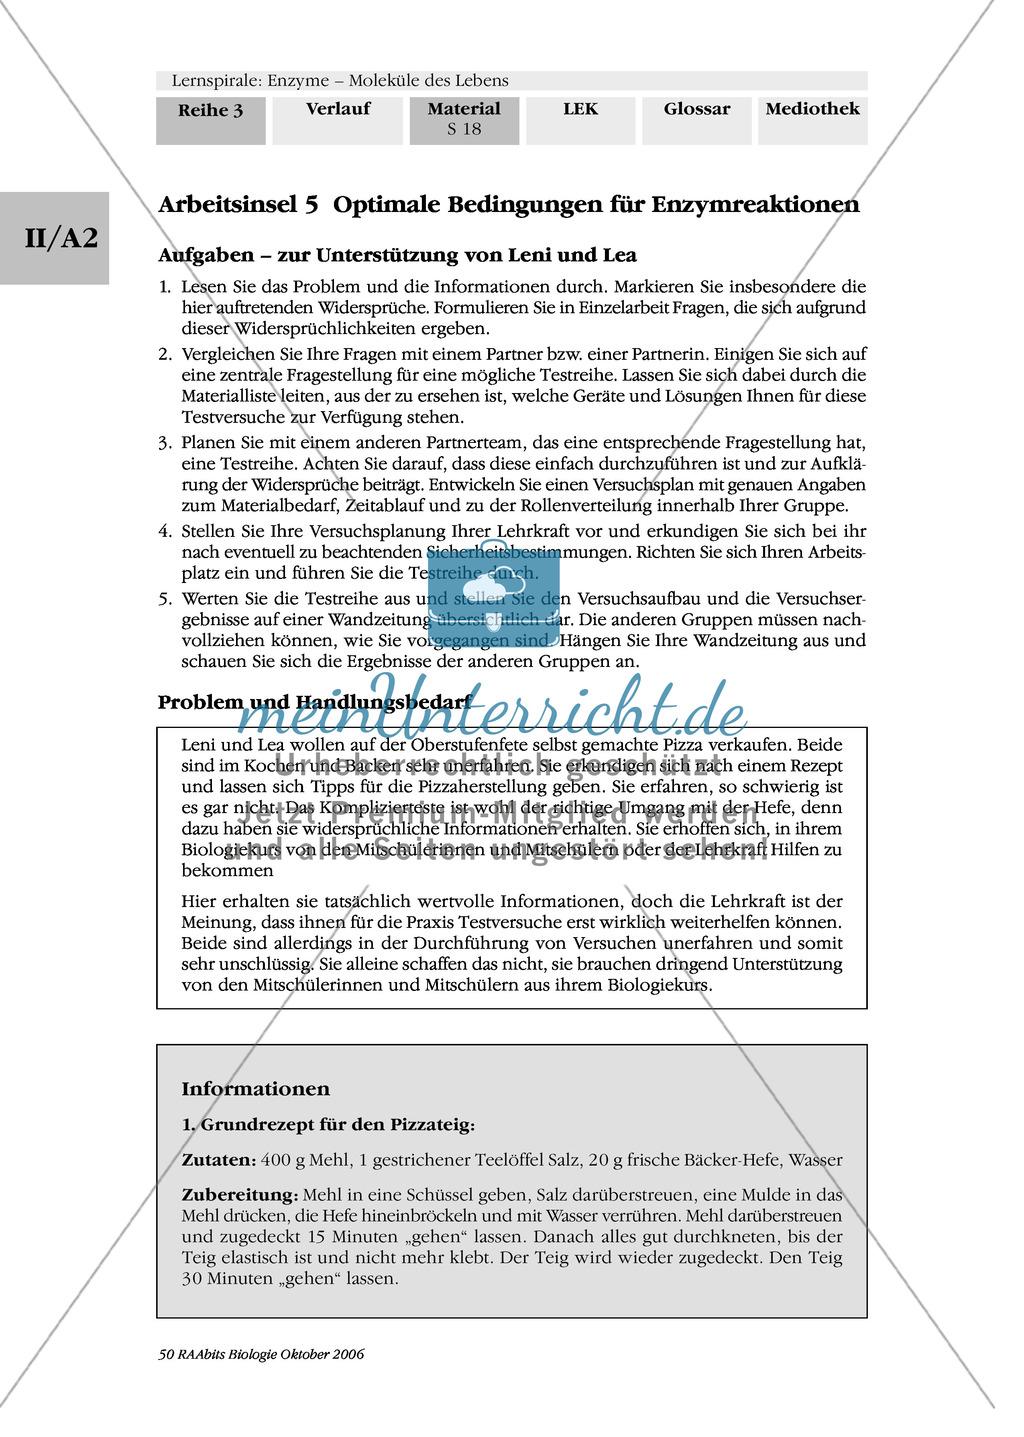 Optimale Bedingungen für Enzymreaktionen: Wandzeitung, Versuch Preview 1